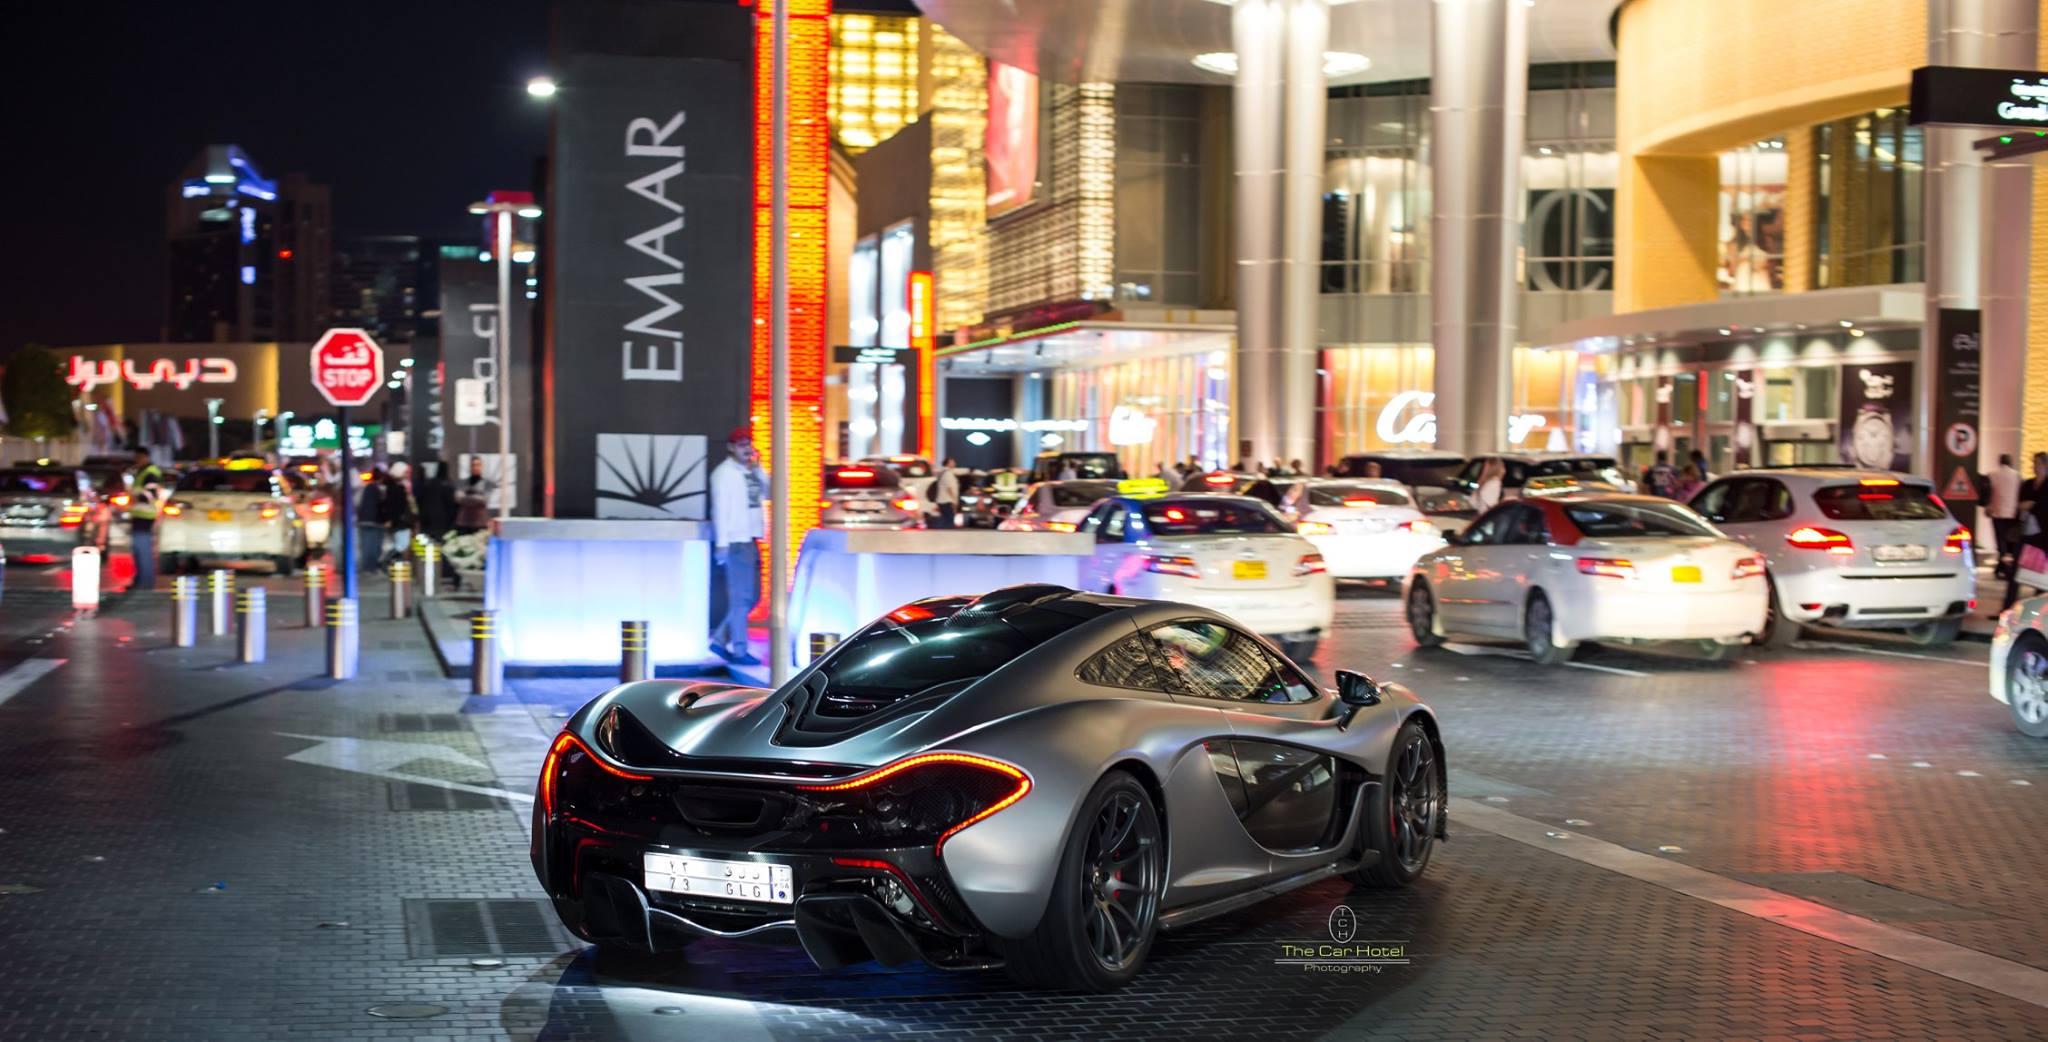 McLaren P1 Dubai